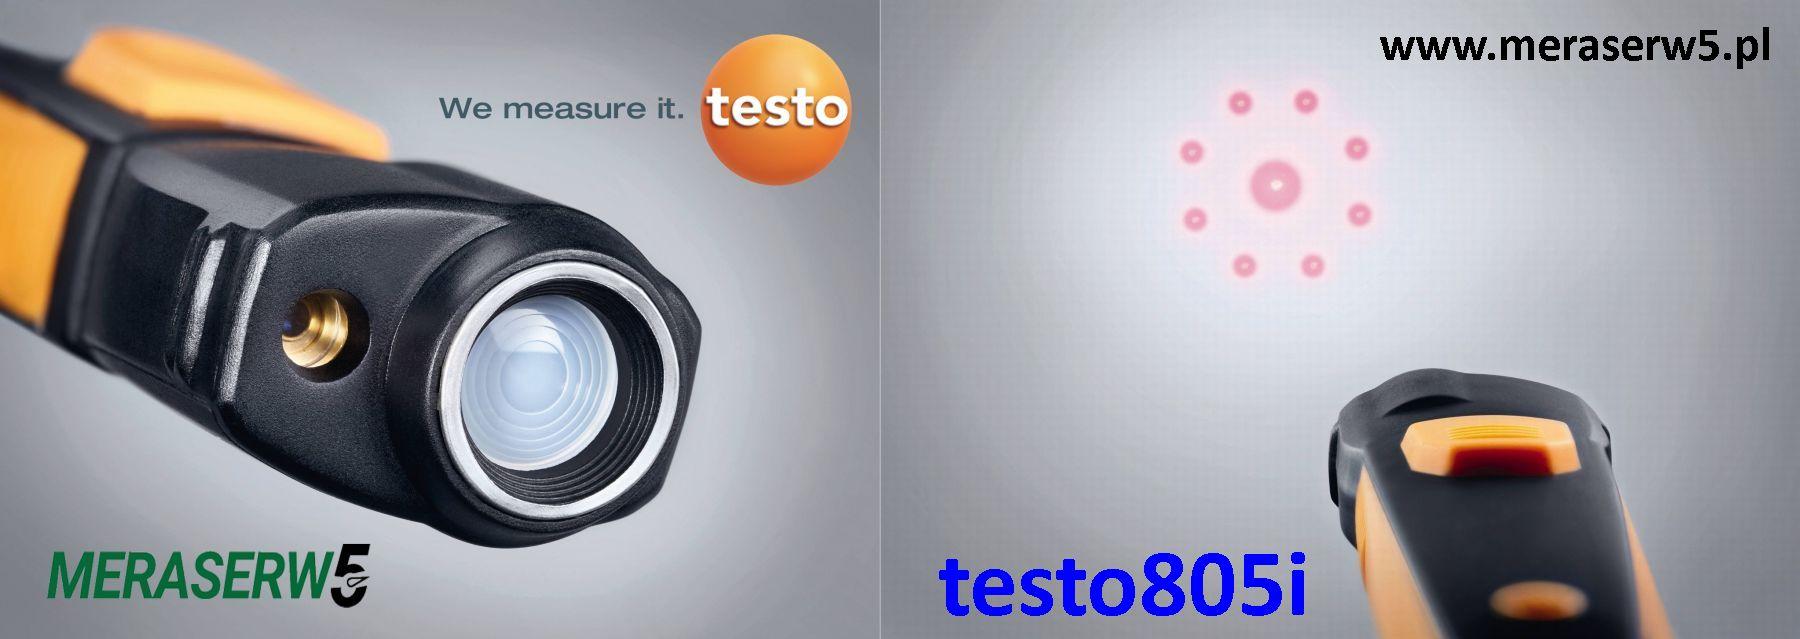 testo805i down